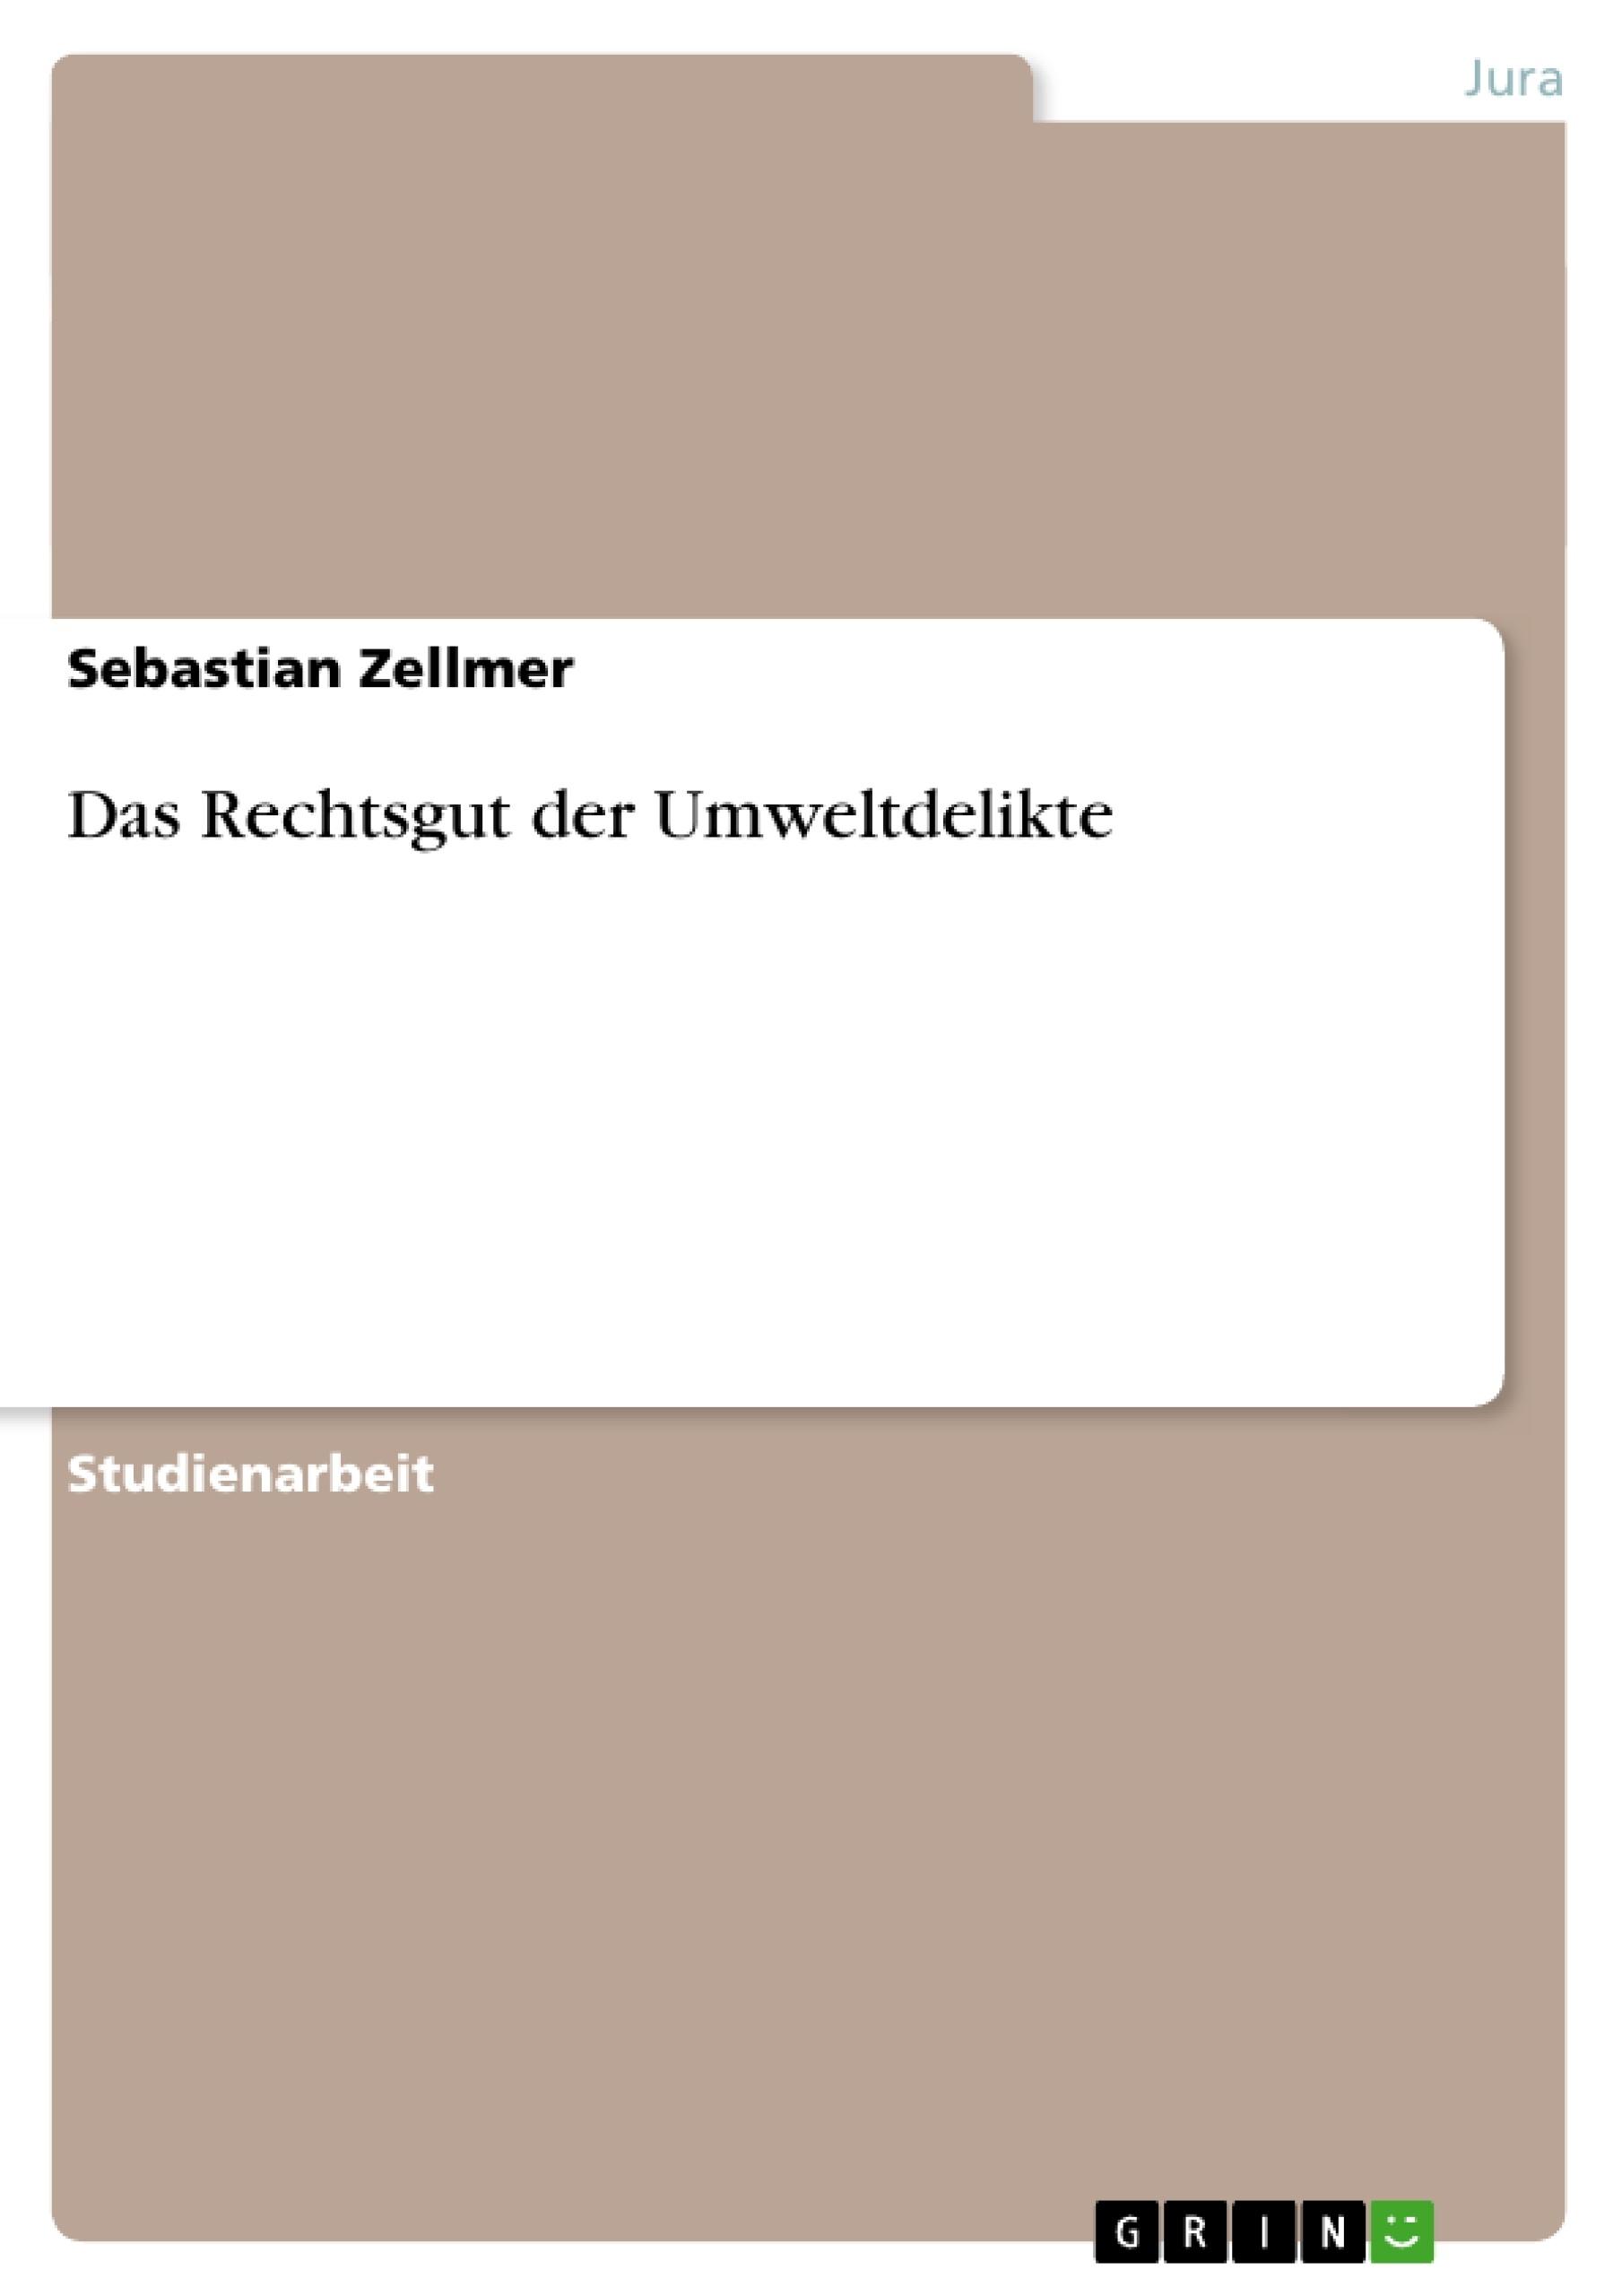 Titel: Das Rechtsgut der Umweltdelikte